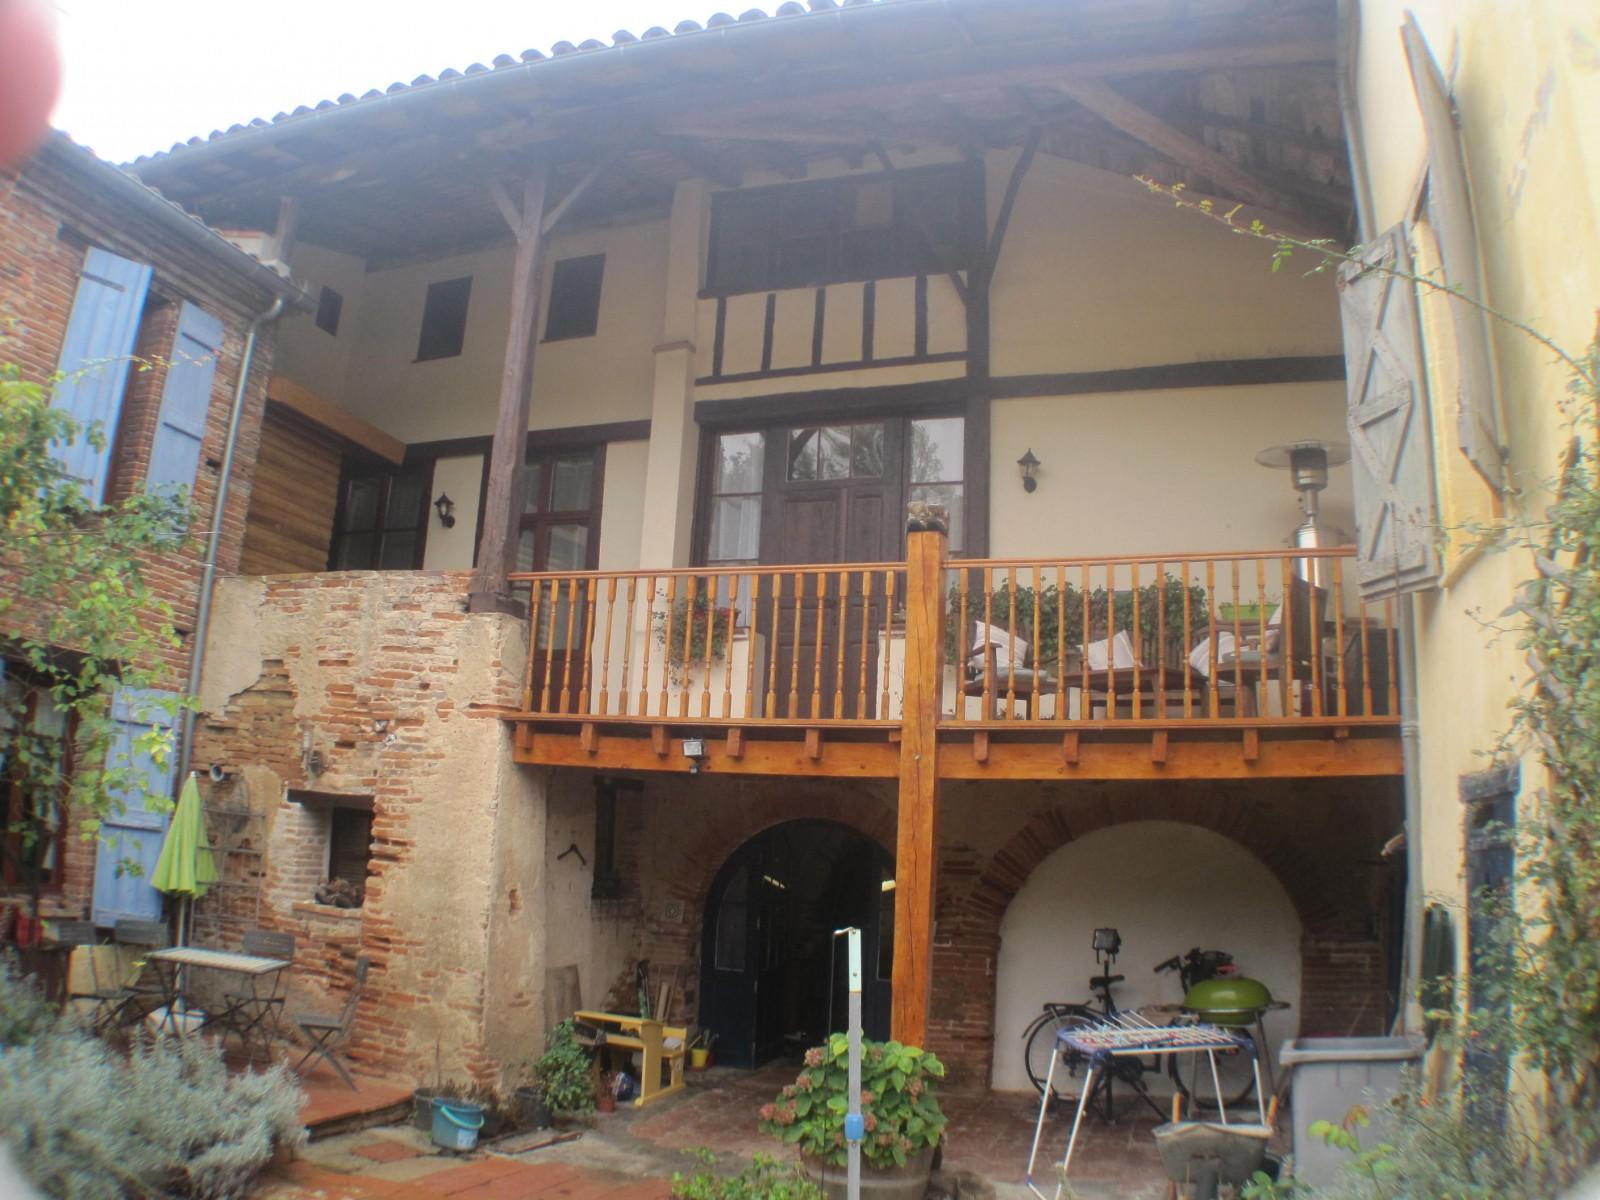 09-Maison-terrasse-vue-exterieure